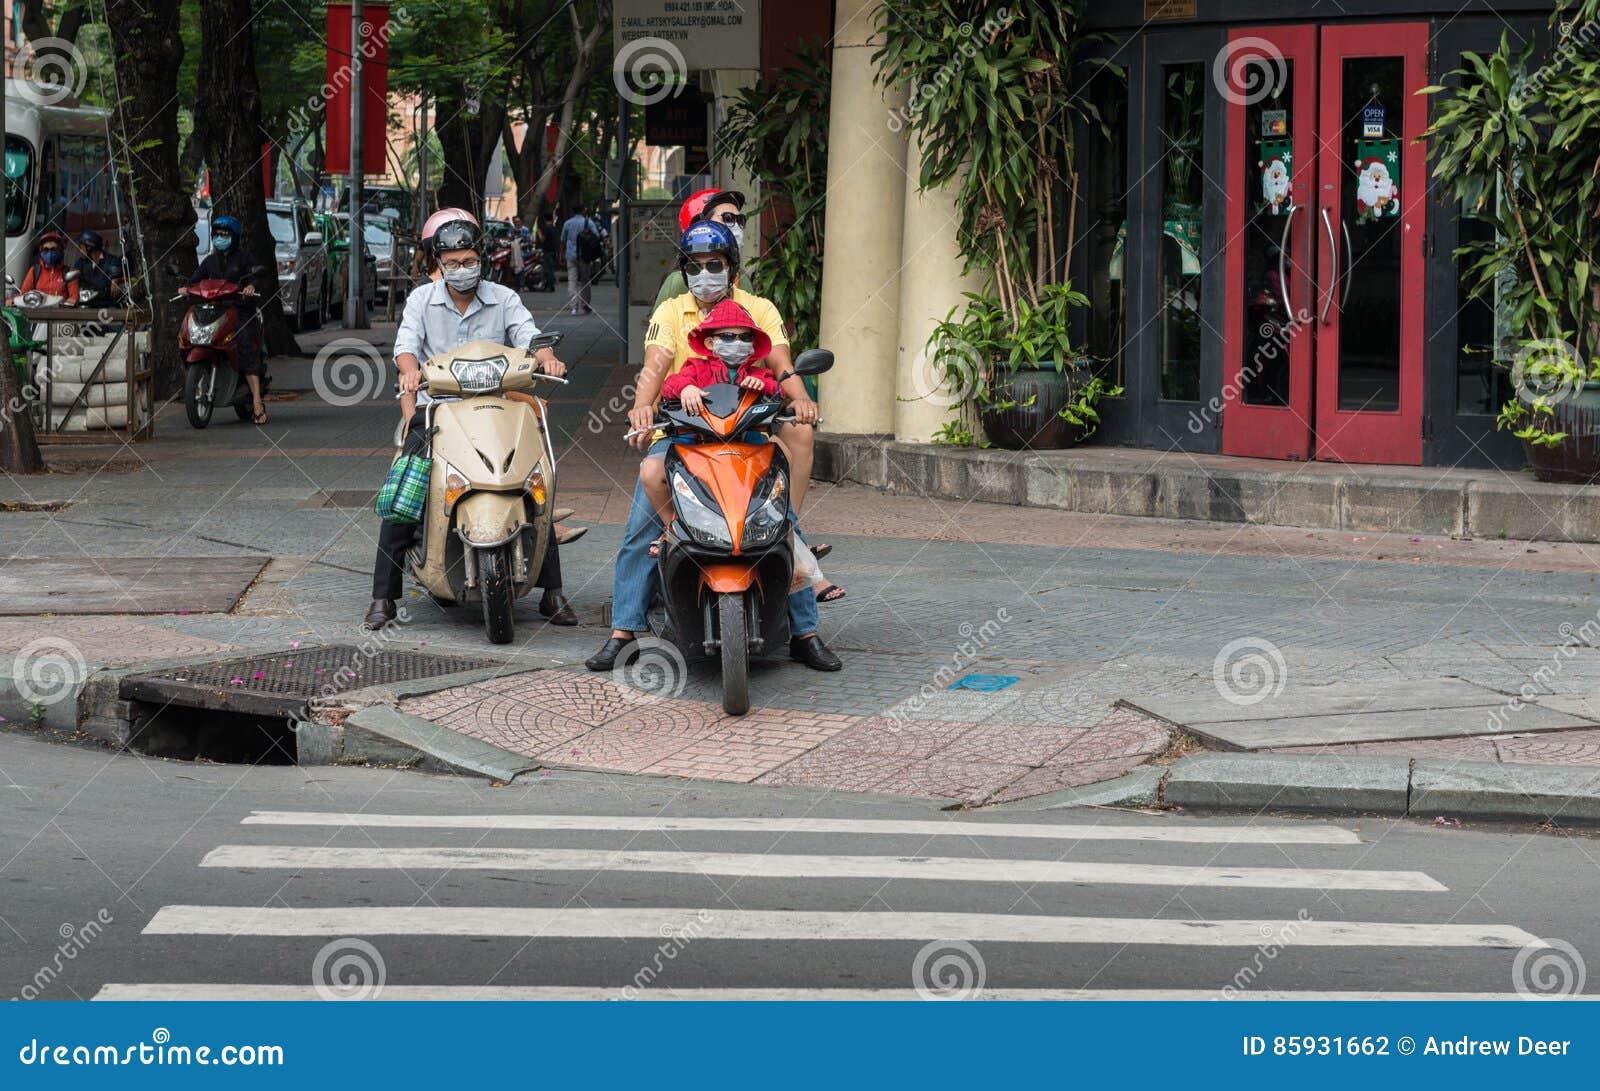 trova fattura a piedi a New York Saigon, Vietnam - Famiglia Con Le Maschere Di Protezione ...